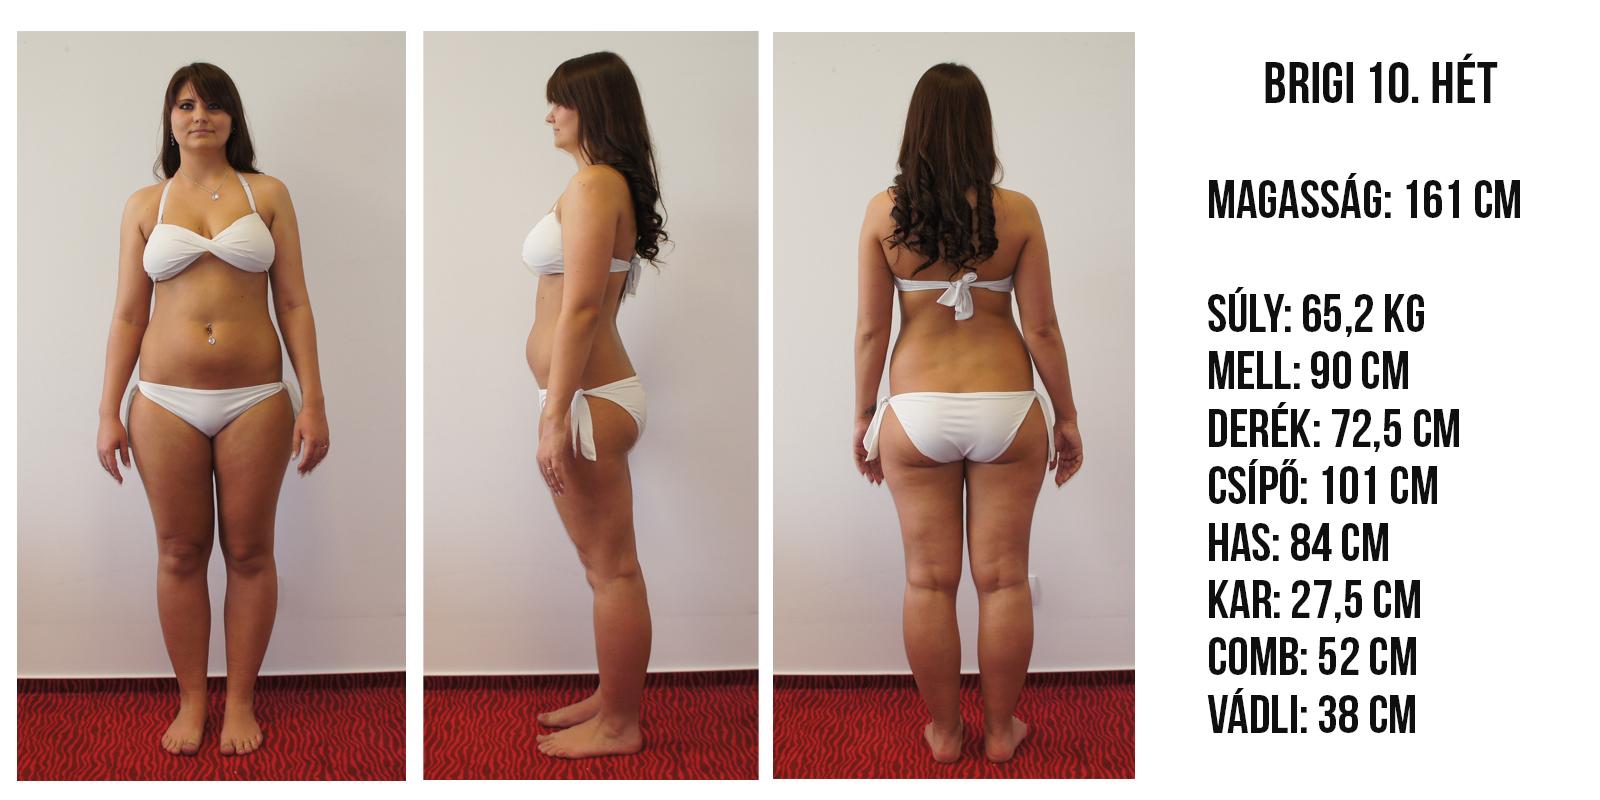 hogyan lehet lefogyni 1 kg hetente)